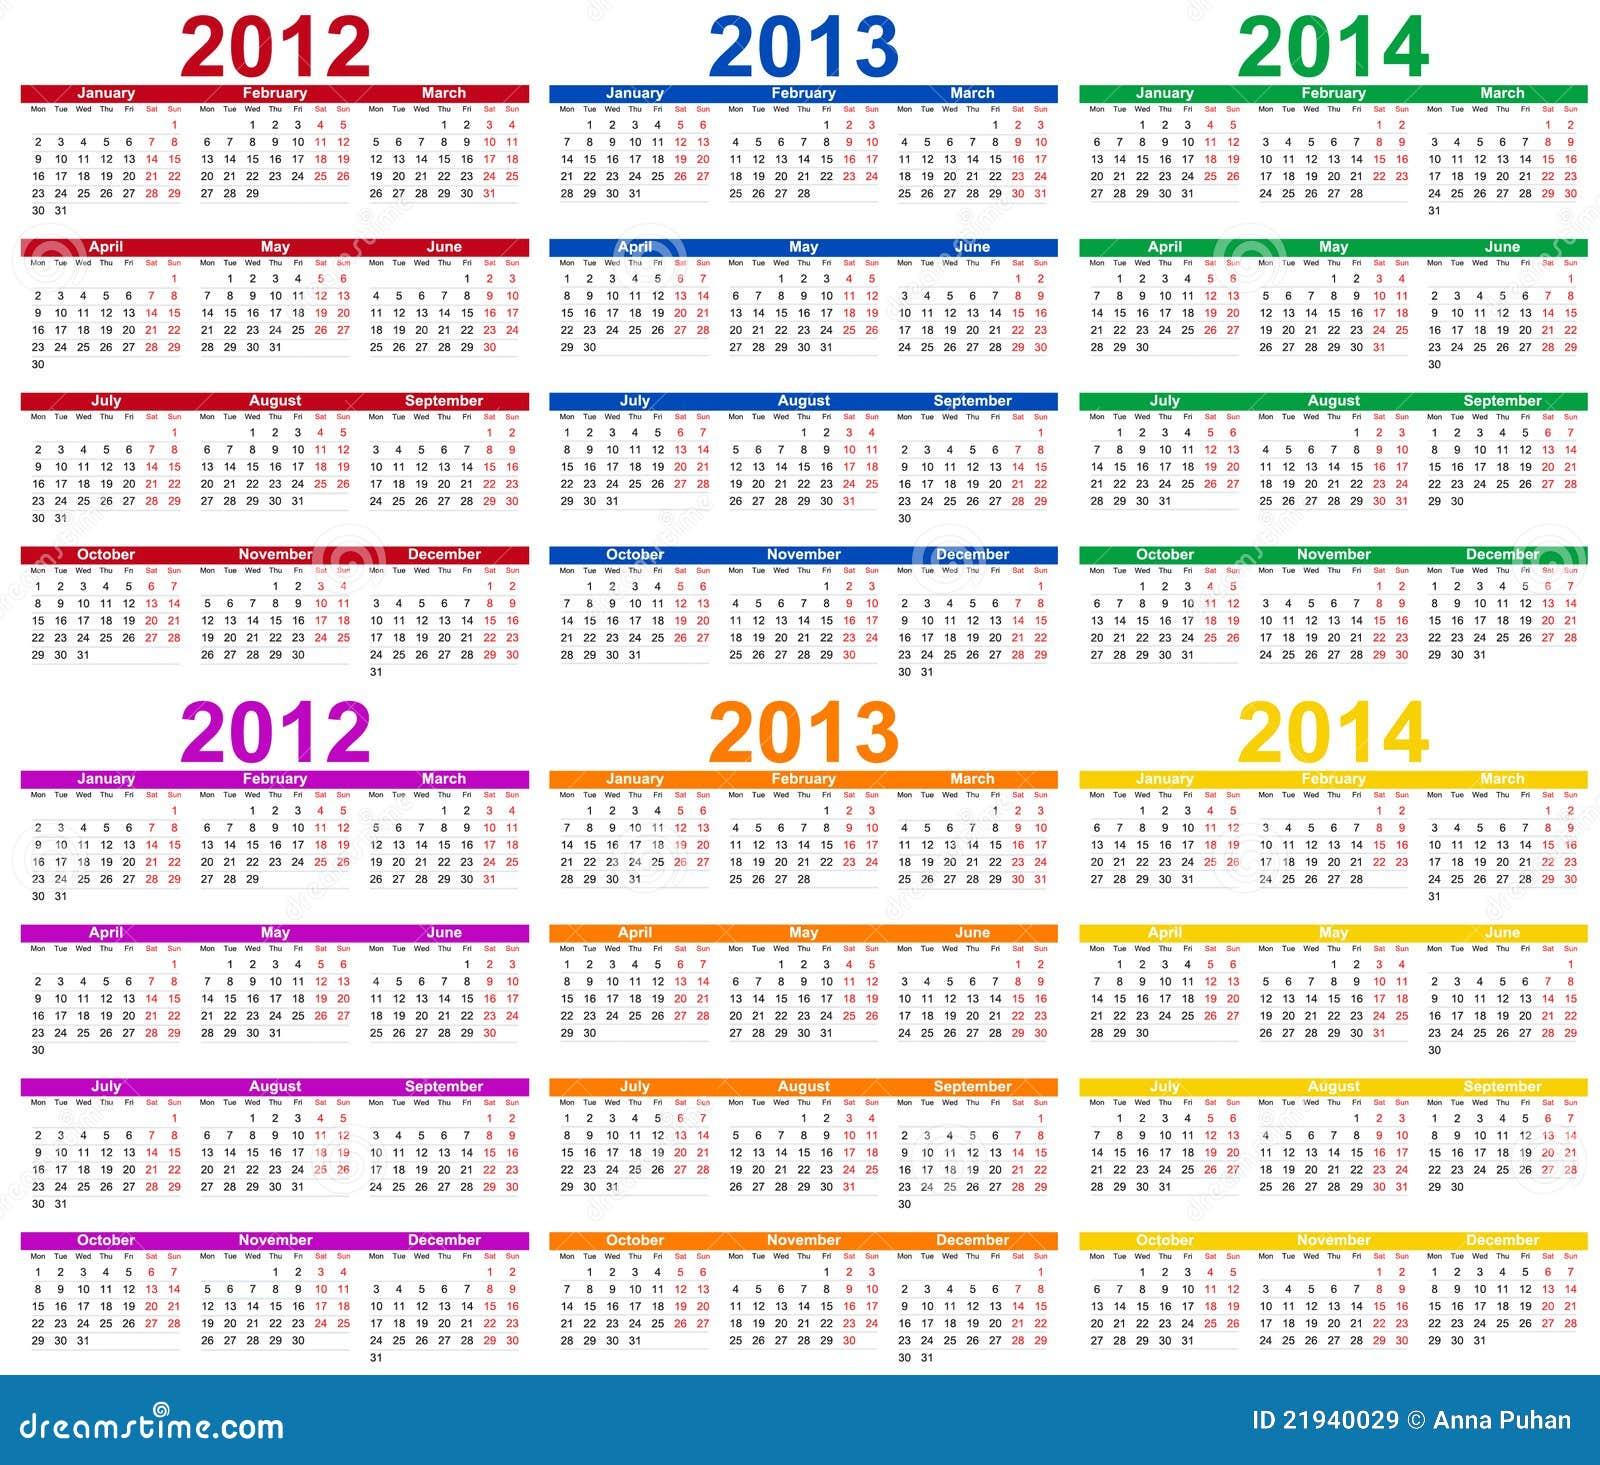 Набор цветной календарь 2012, 2013 и 2014.  2013,апрель,август,справочная информация,календарь,круги,цвет,дата,день...